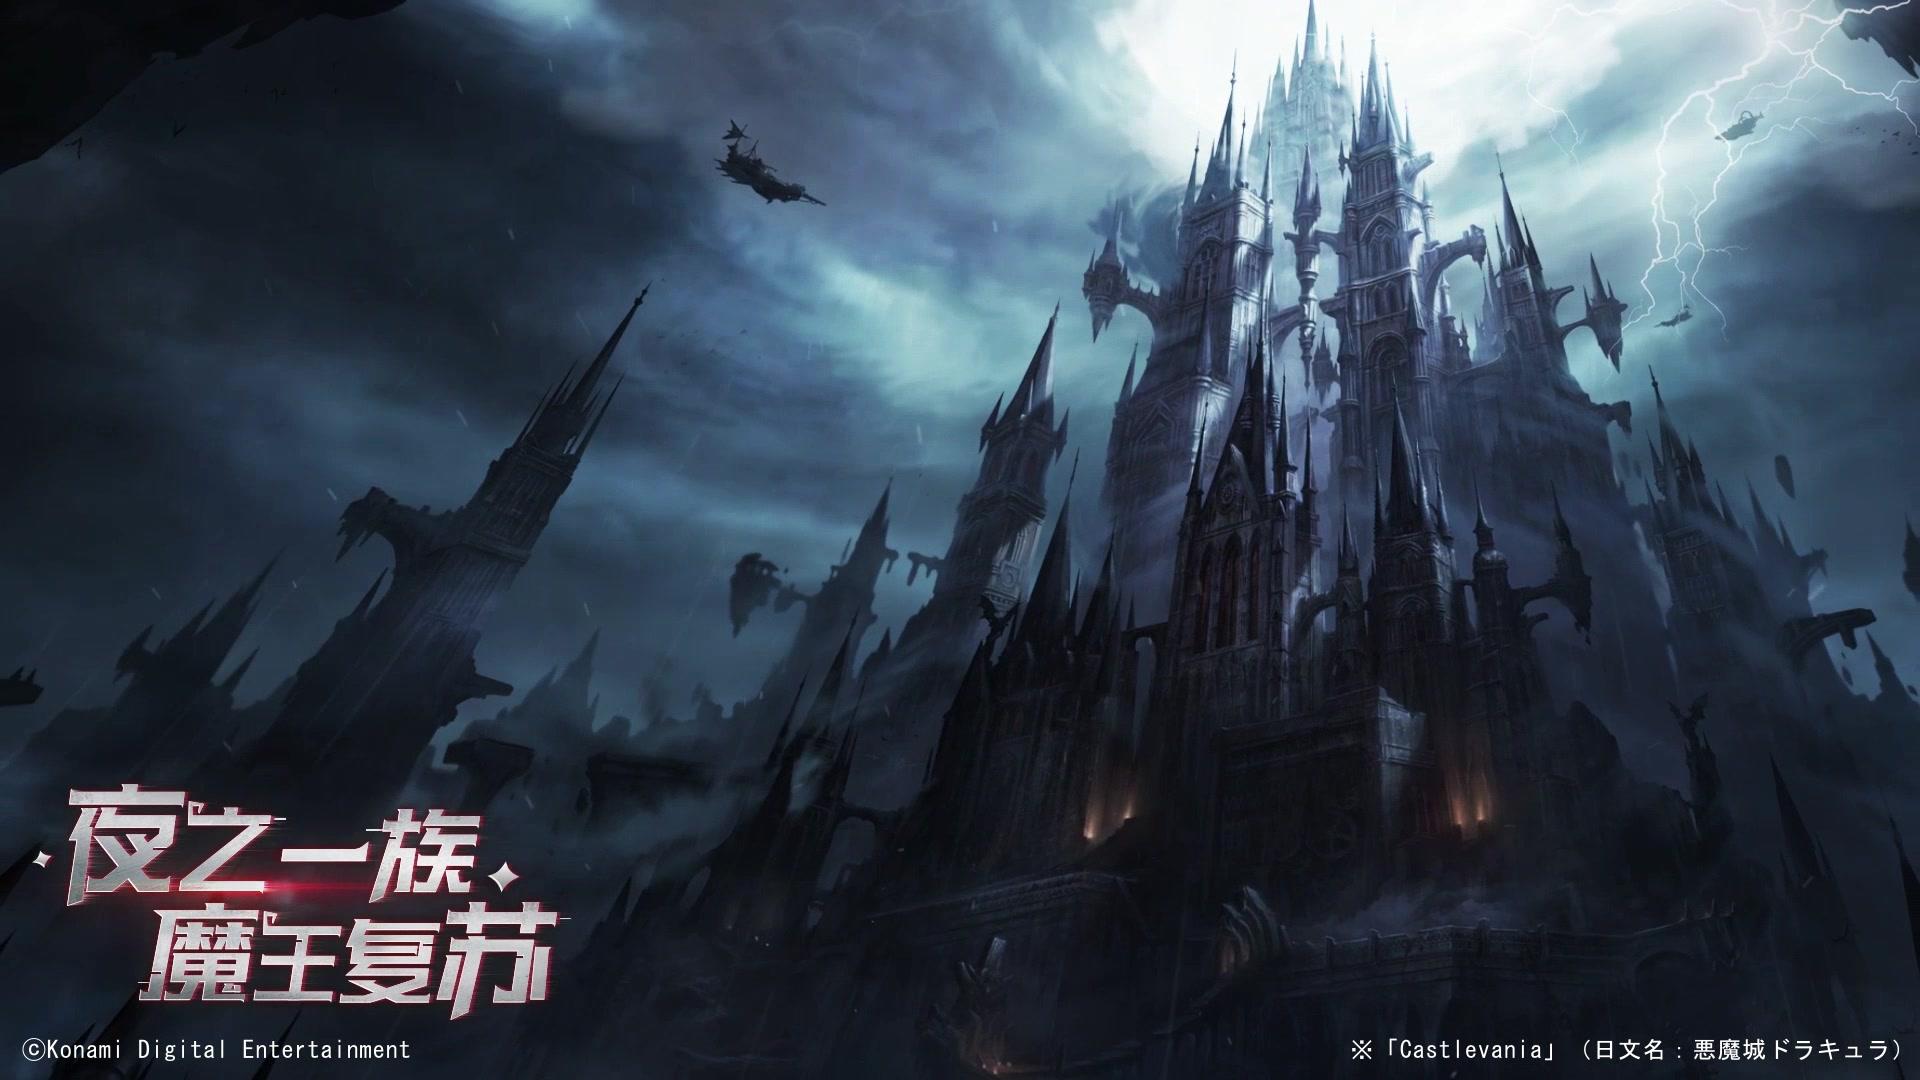 【月夜狂想曲】Castlevania正版授权手游8月26日奏鸣测试